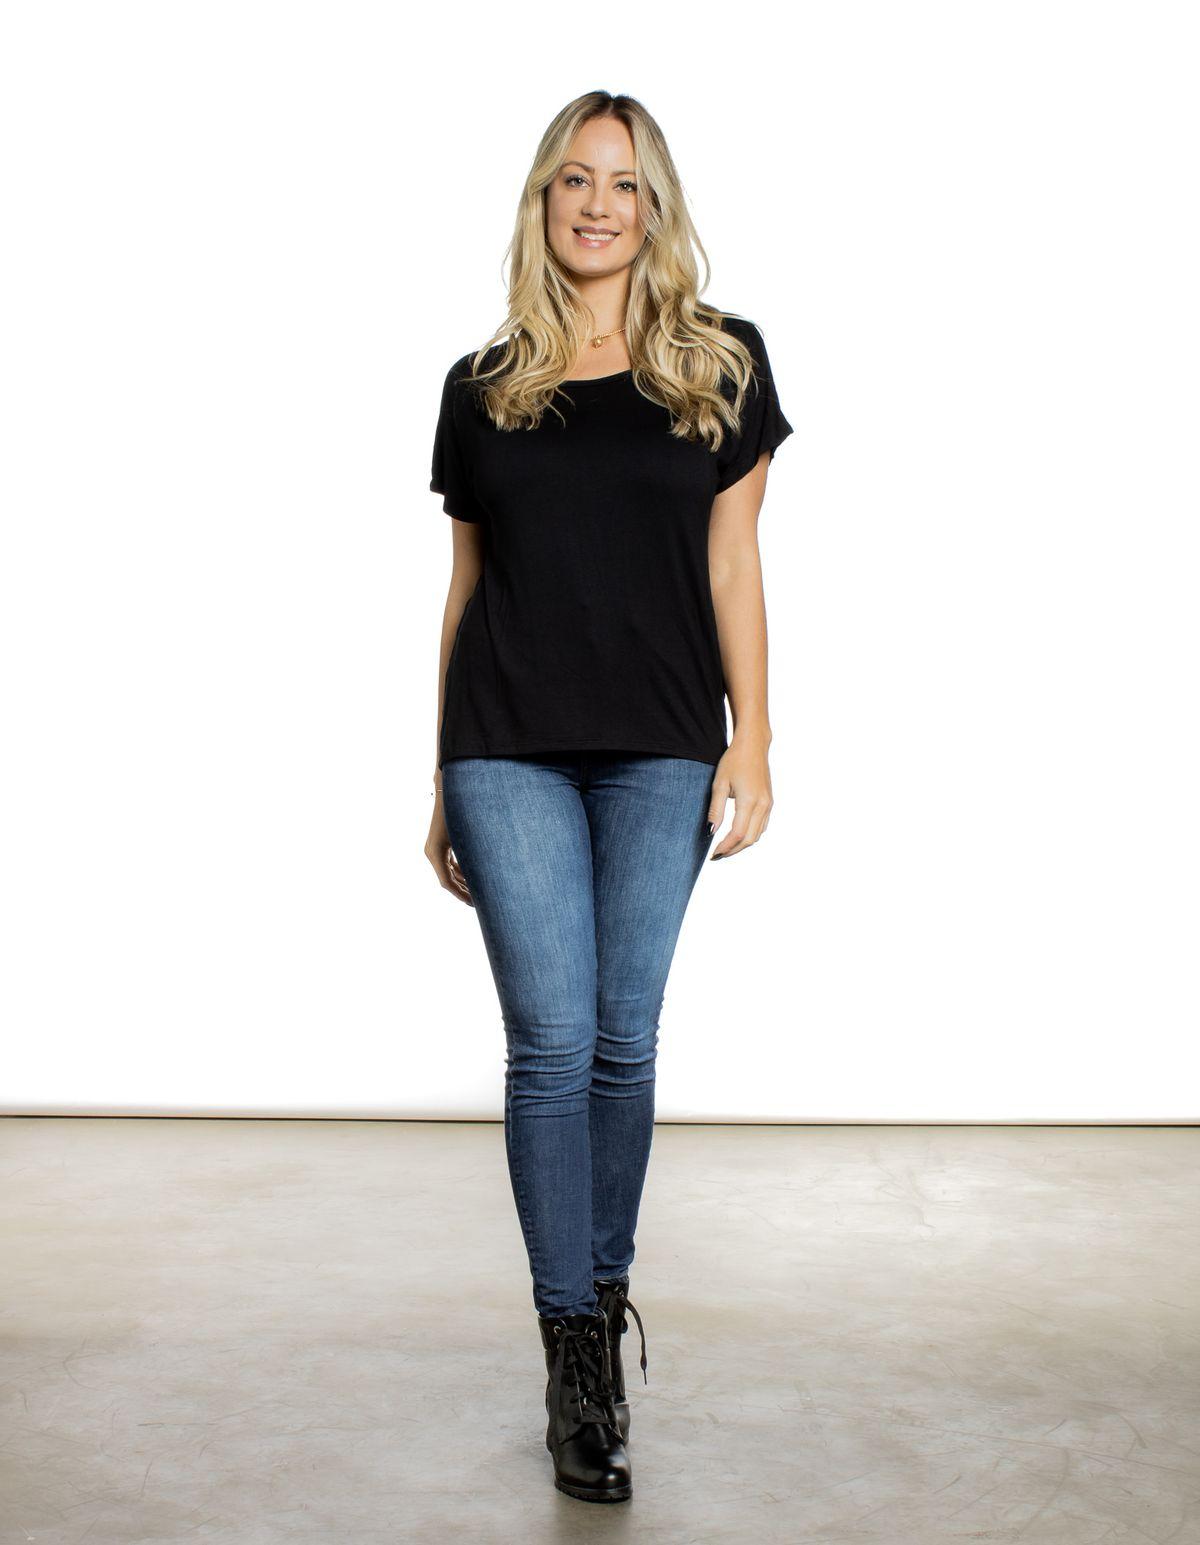 596613002-calca-jeans-cigarrete-cintura-alta-feminina-sawary-jeans-38-c7d